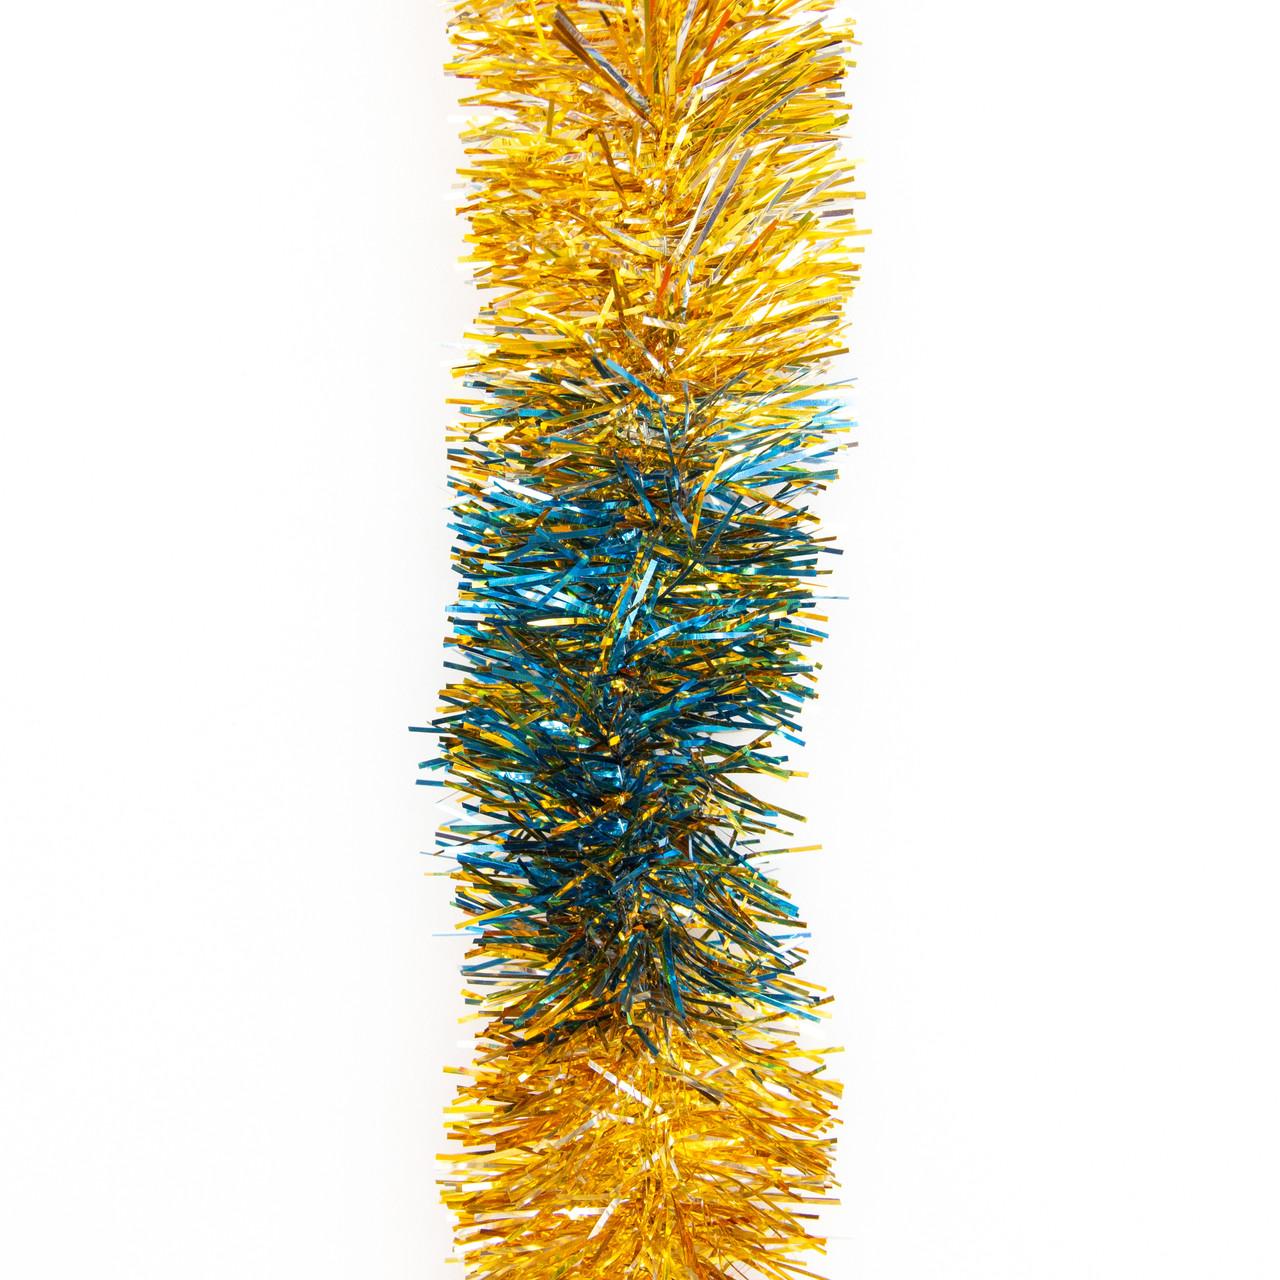 Новогоднее украшение - мишура, 200*5 см, ПВХ, золото-золото-серебро-синий (ГРП-50/2-6)